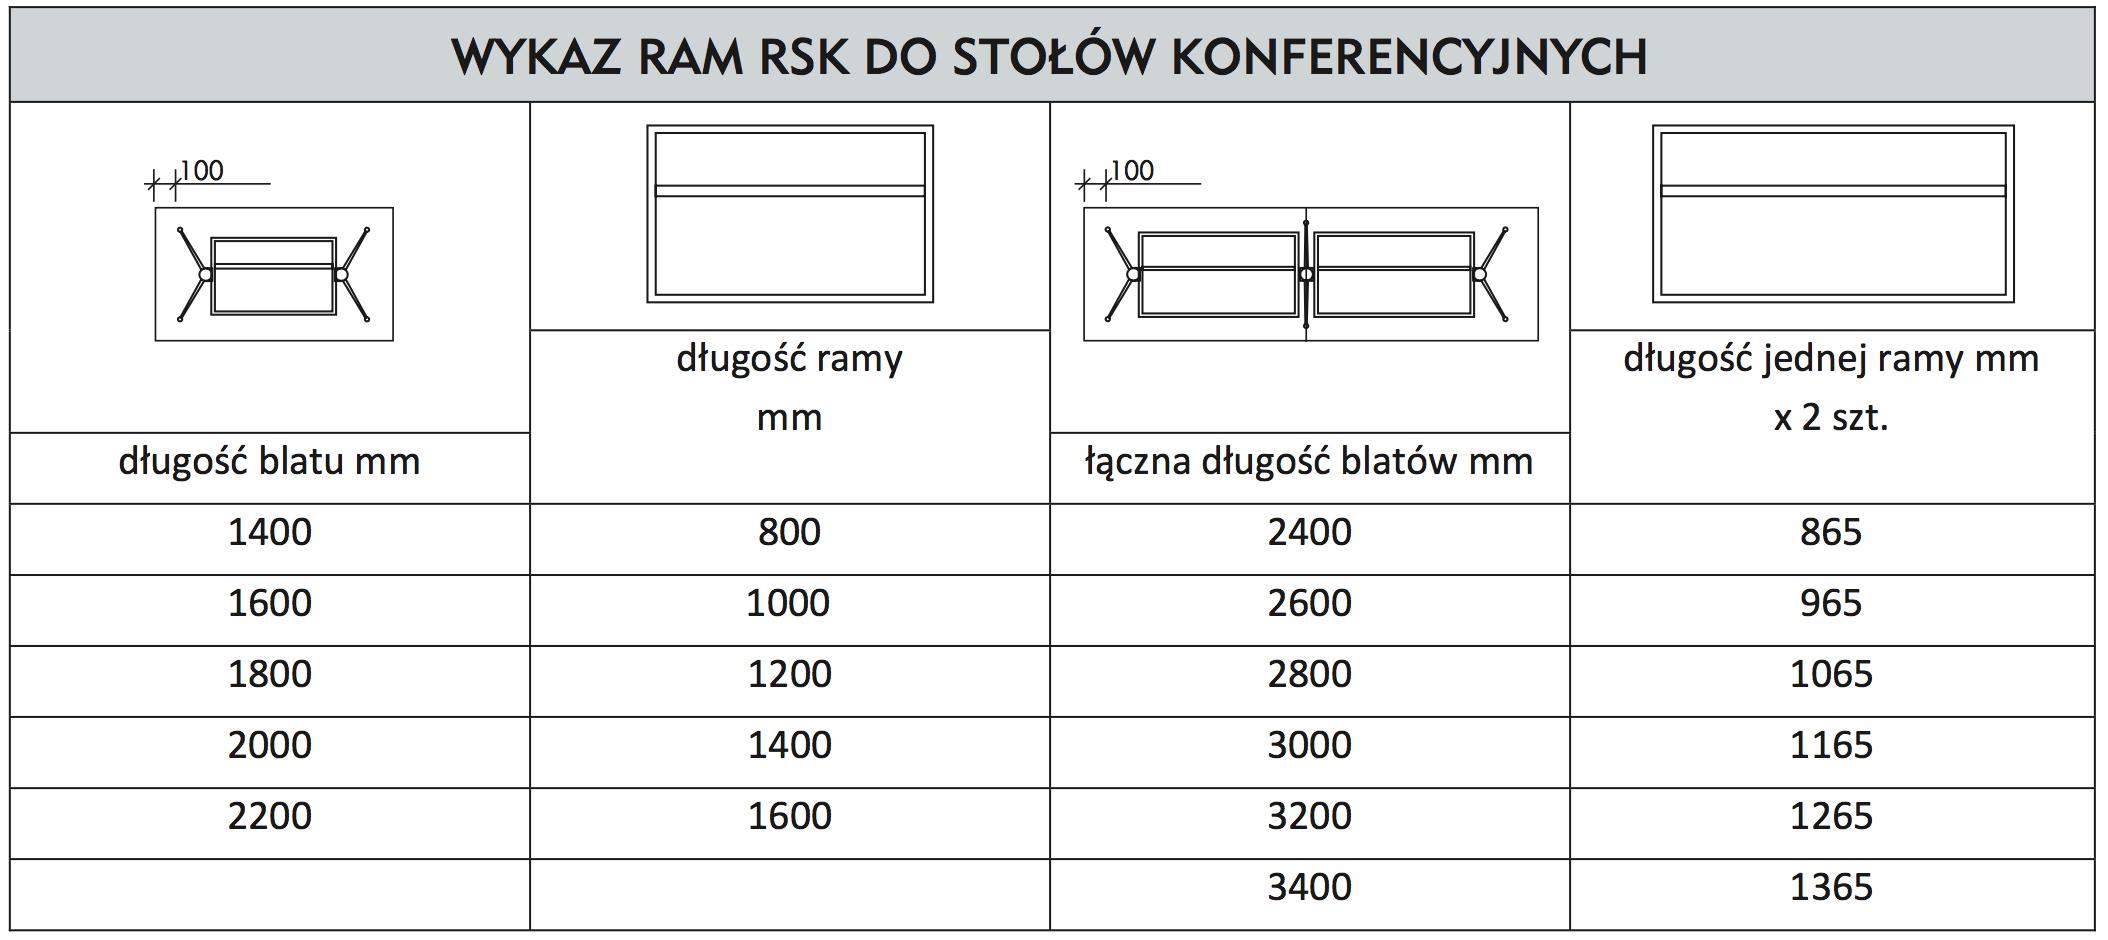 Wykaz ram RSK - stelażdo stoło konferencyjnego KJK - Valorous.pl